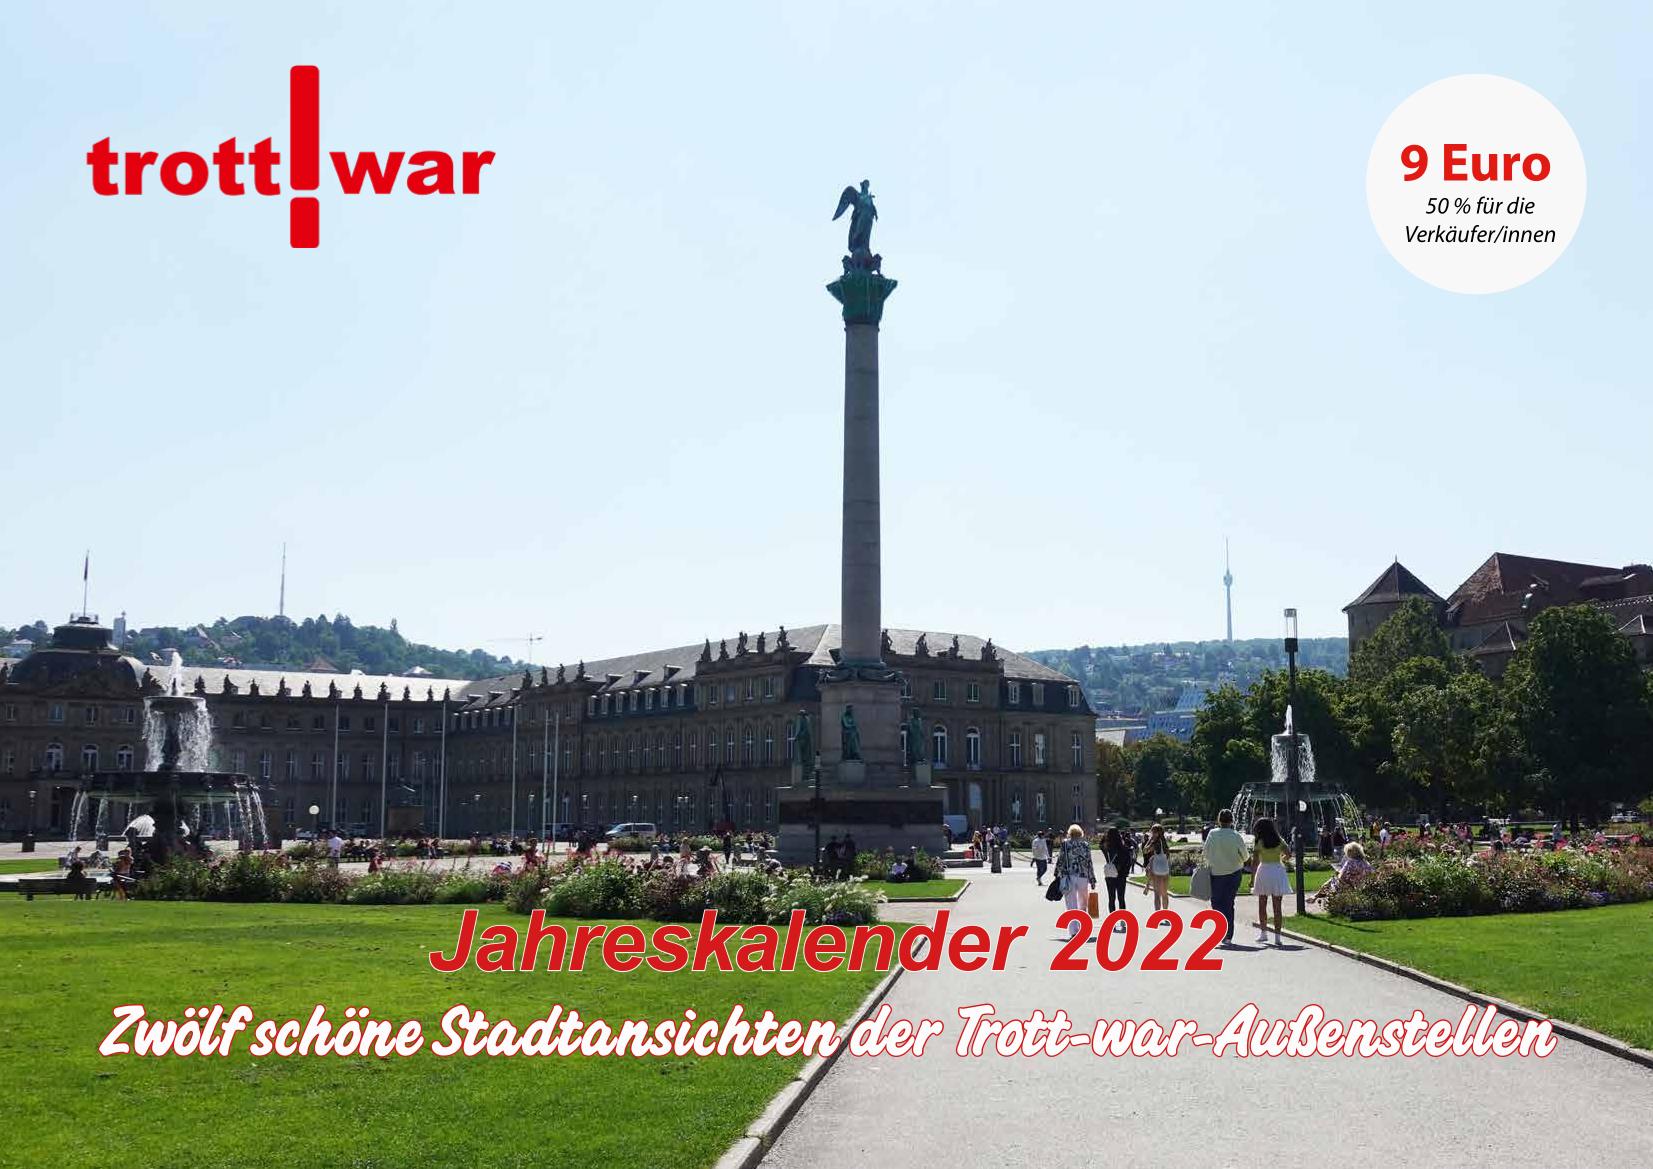 Titelseite des Trott-war Jahreskalenders 2022 mit Blick über den Stuttgarter Schlossplatz zum Fernsehturm